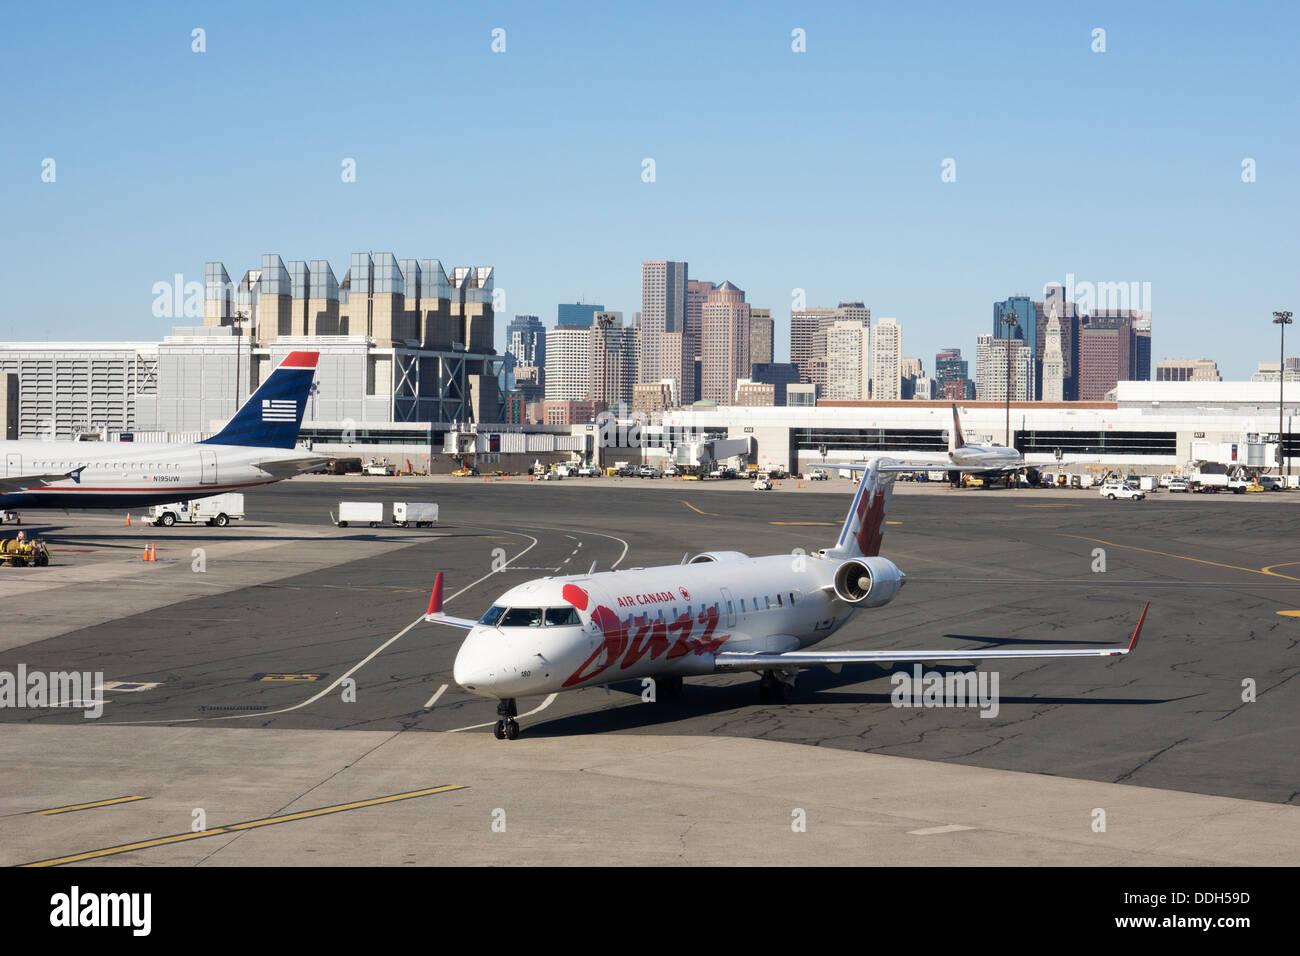 Canadian aviones que llegan al Aeropuerto Internacional Logan de Boston. Imagen De Stock